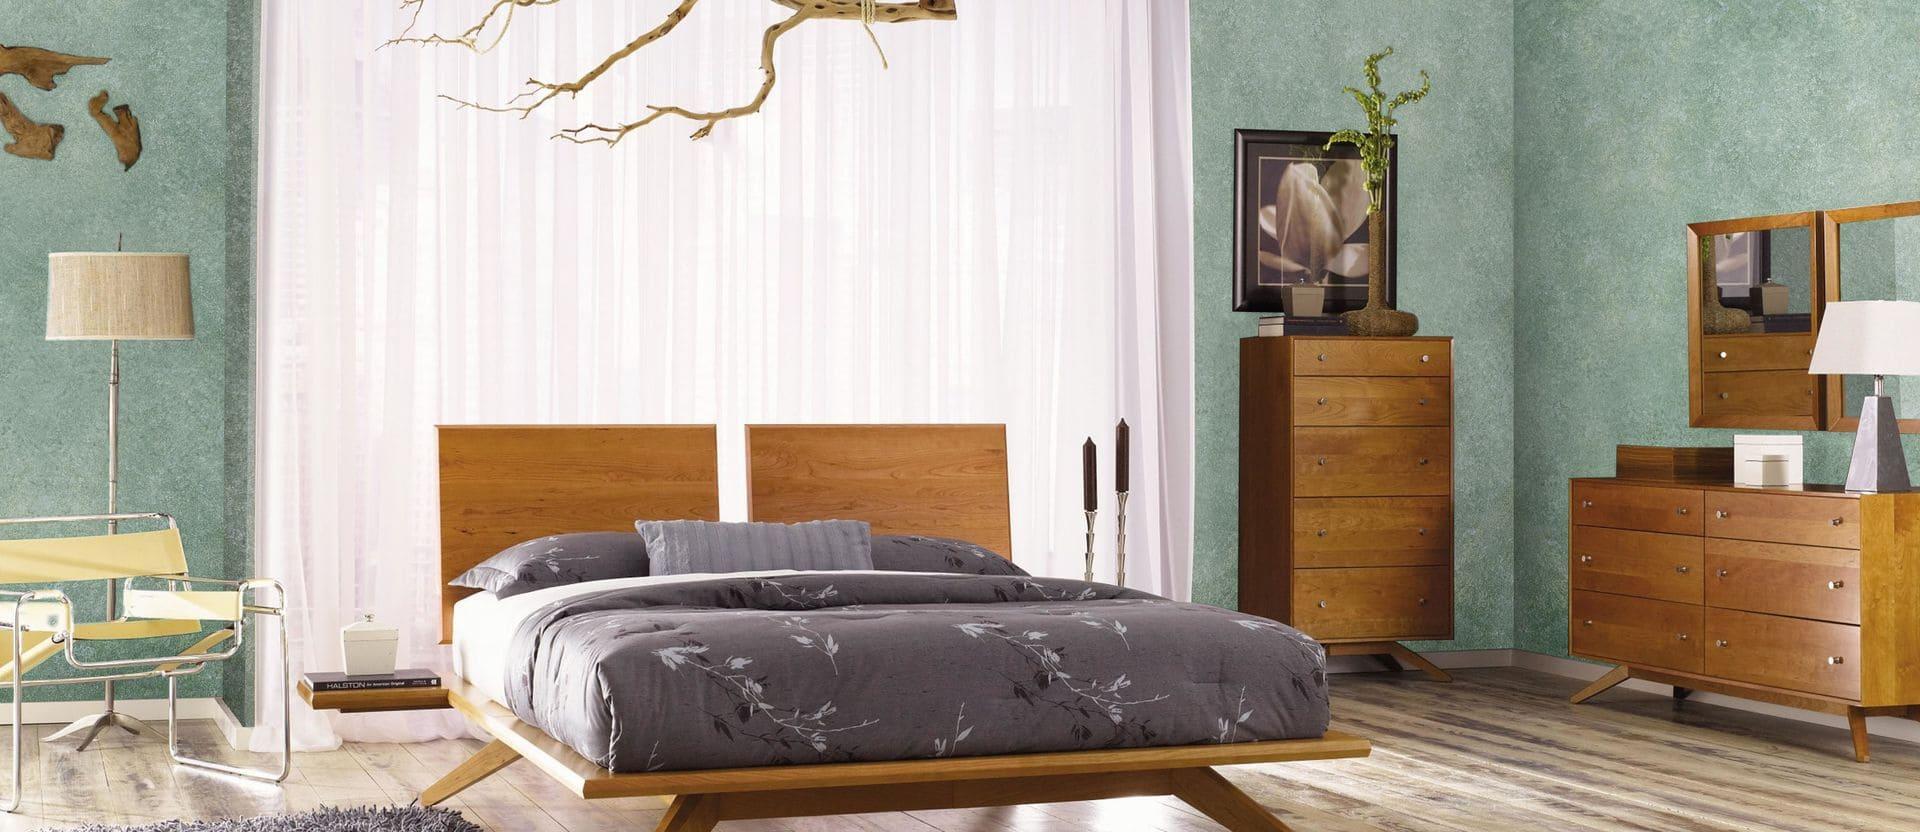 Декоративная штукатурка - лучшие красивые варианты отделки стен в интерьере 061